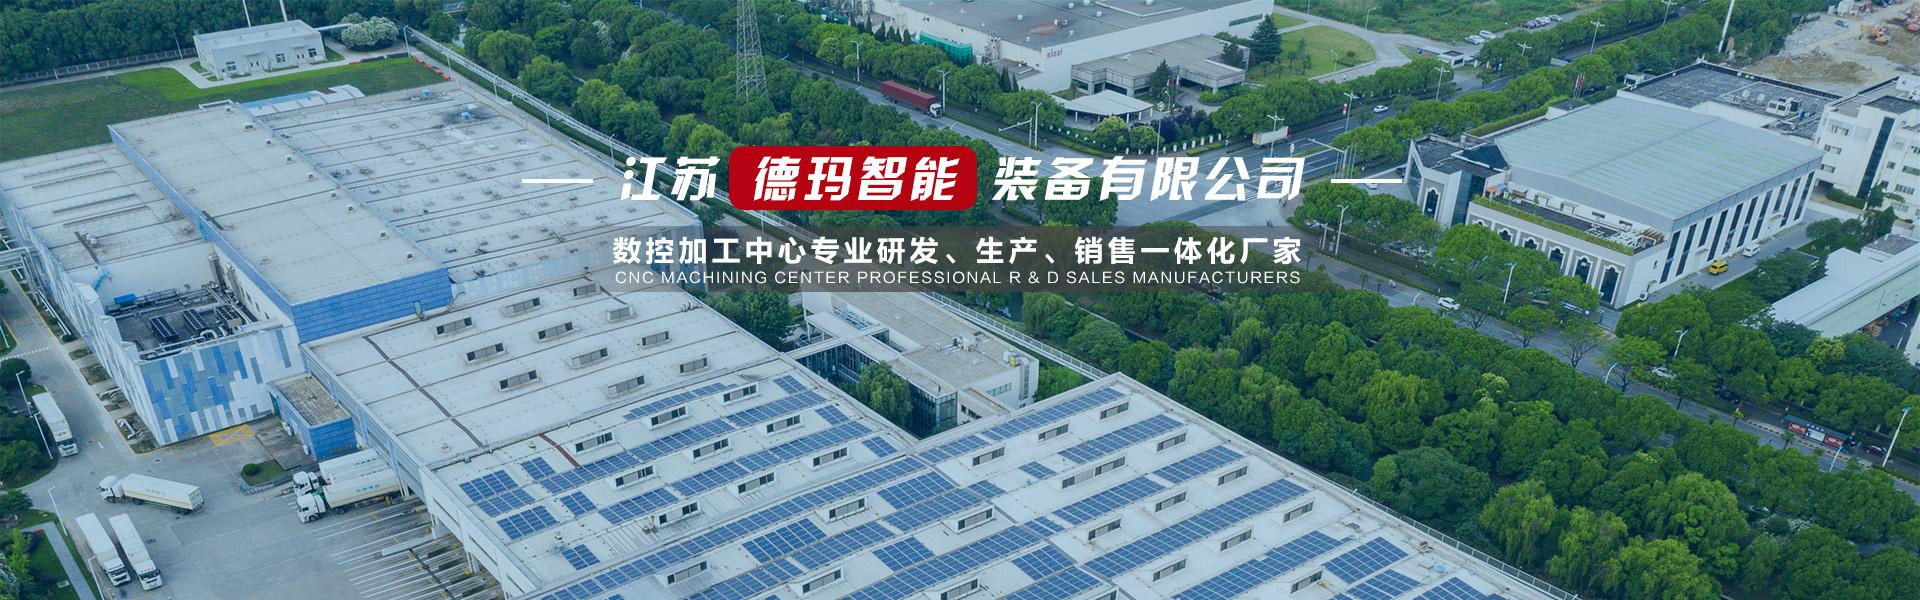 立式加工中心,龍門加工中心,cnc數控加工中心